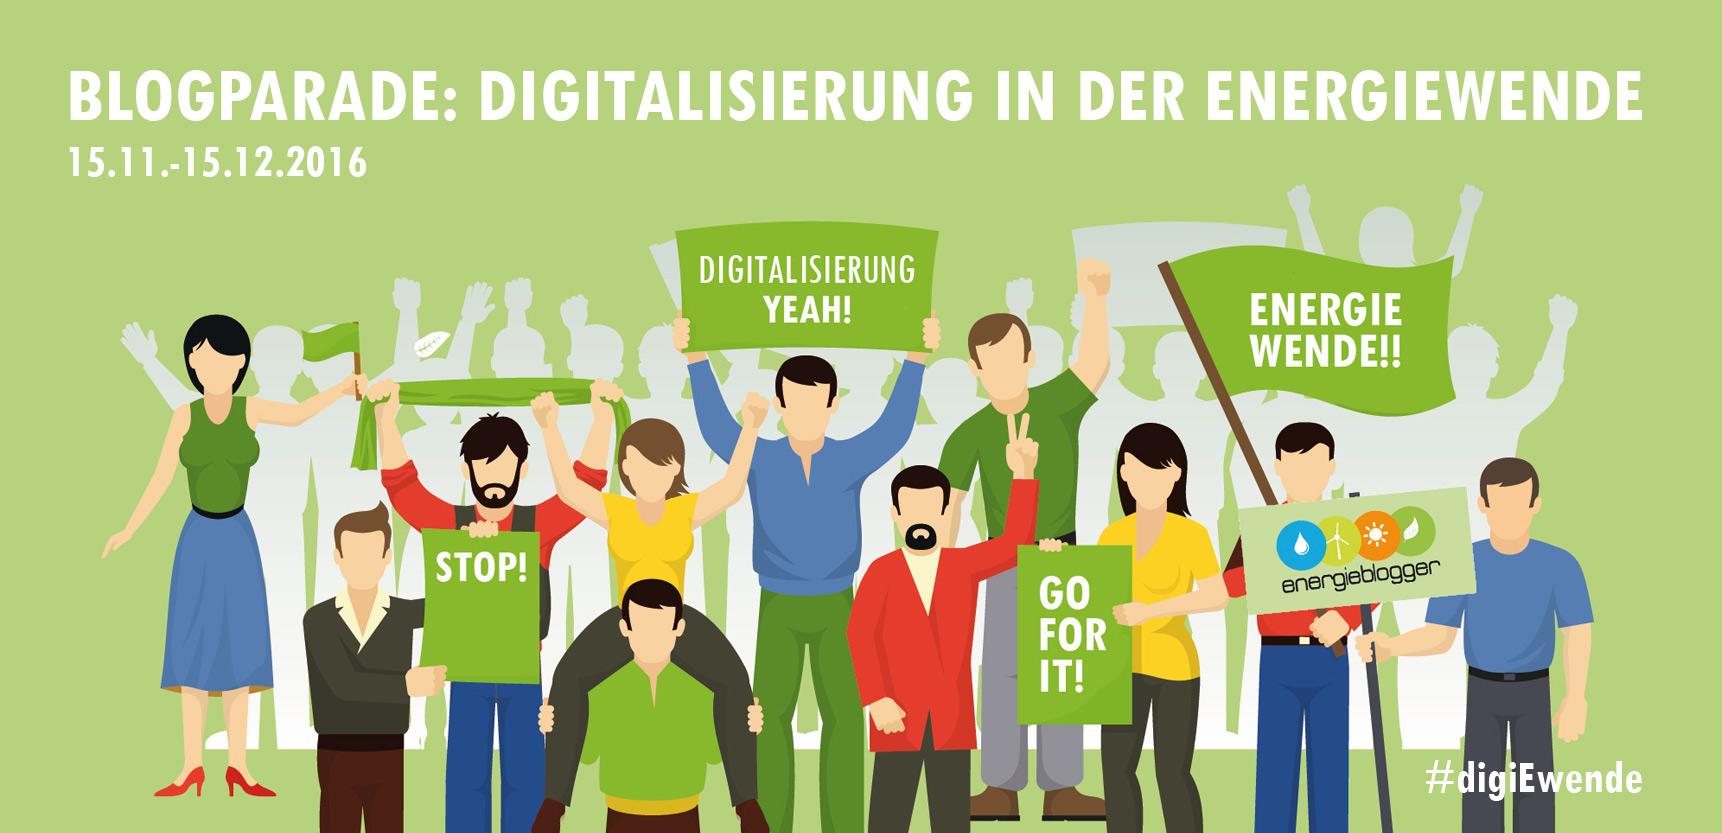 """Blogparade """"Digitalisierung in der Energiewende"""""""